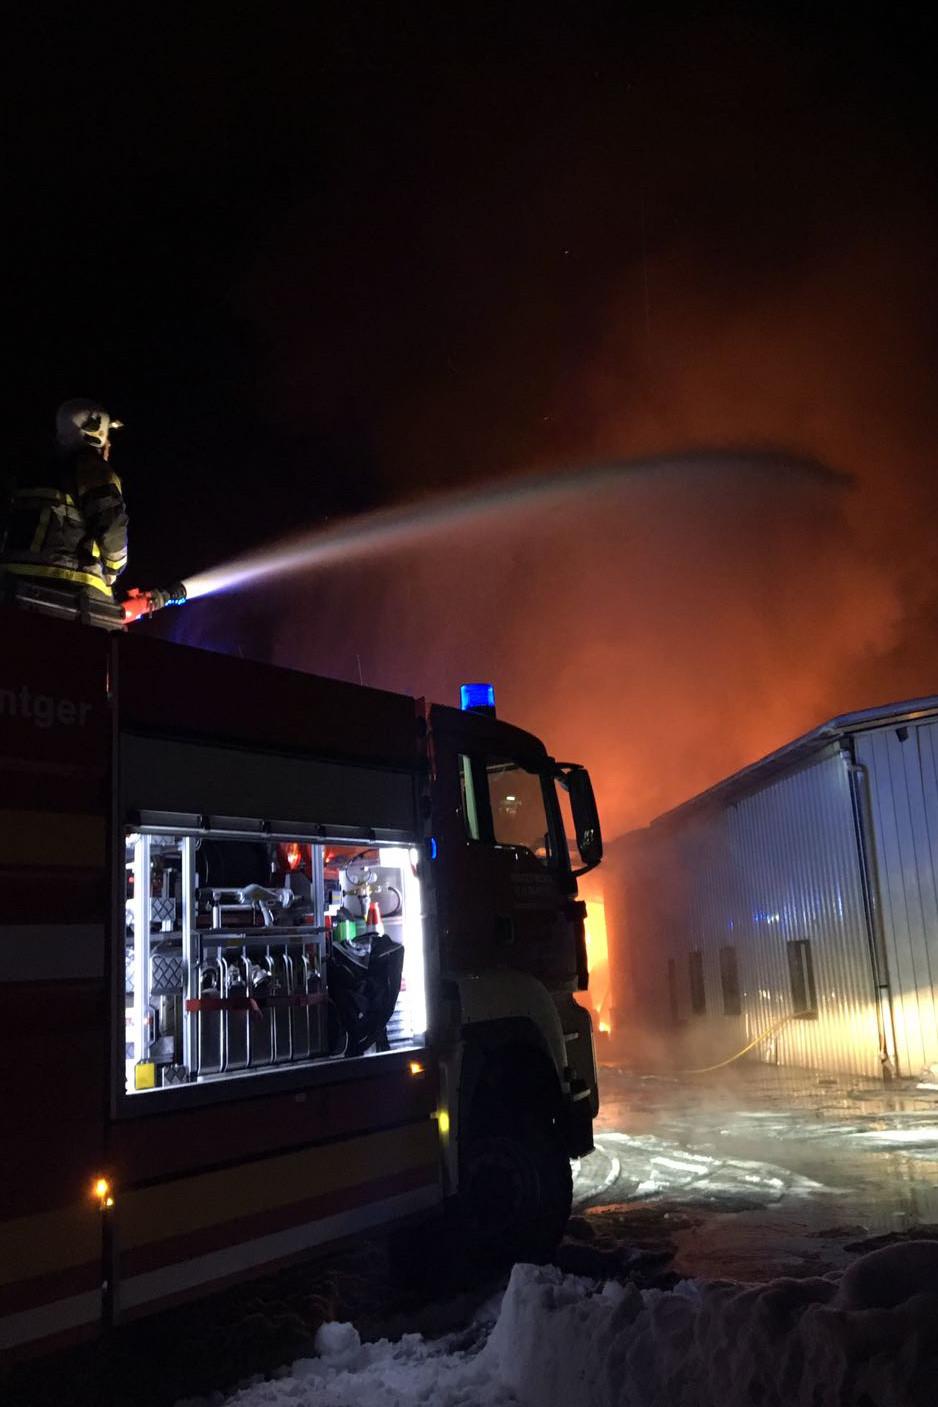 Schreinereien In Luxemburg schreinerei in luxemburg in vollbrand saar mosel